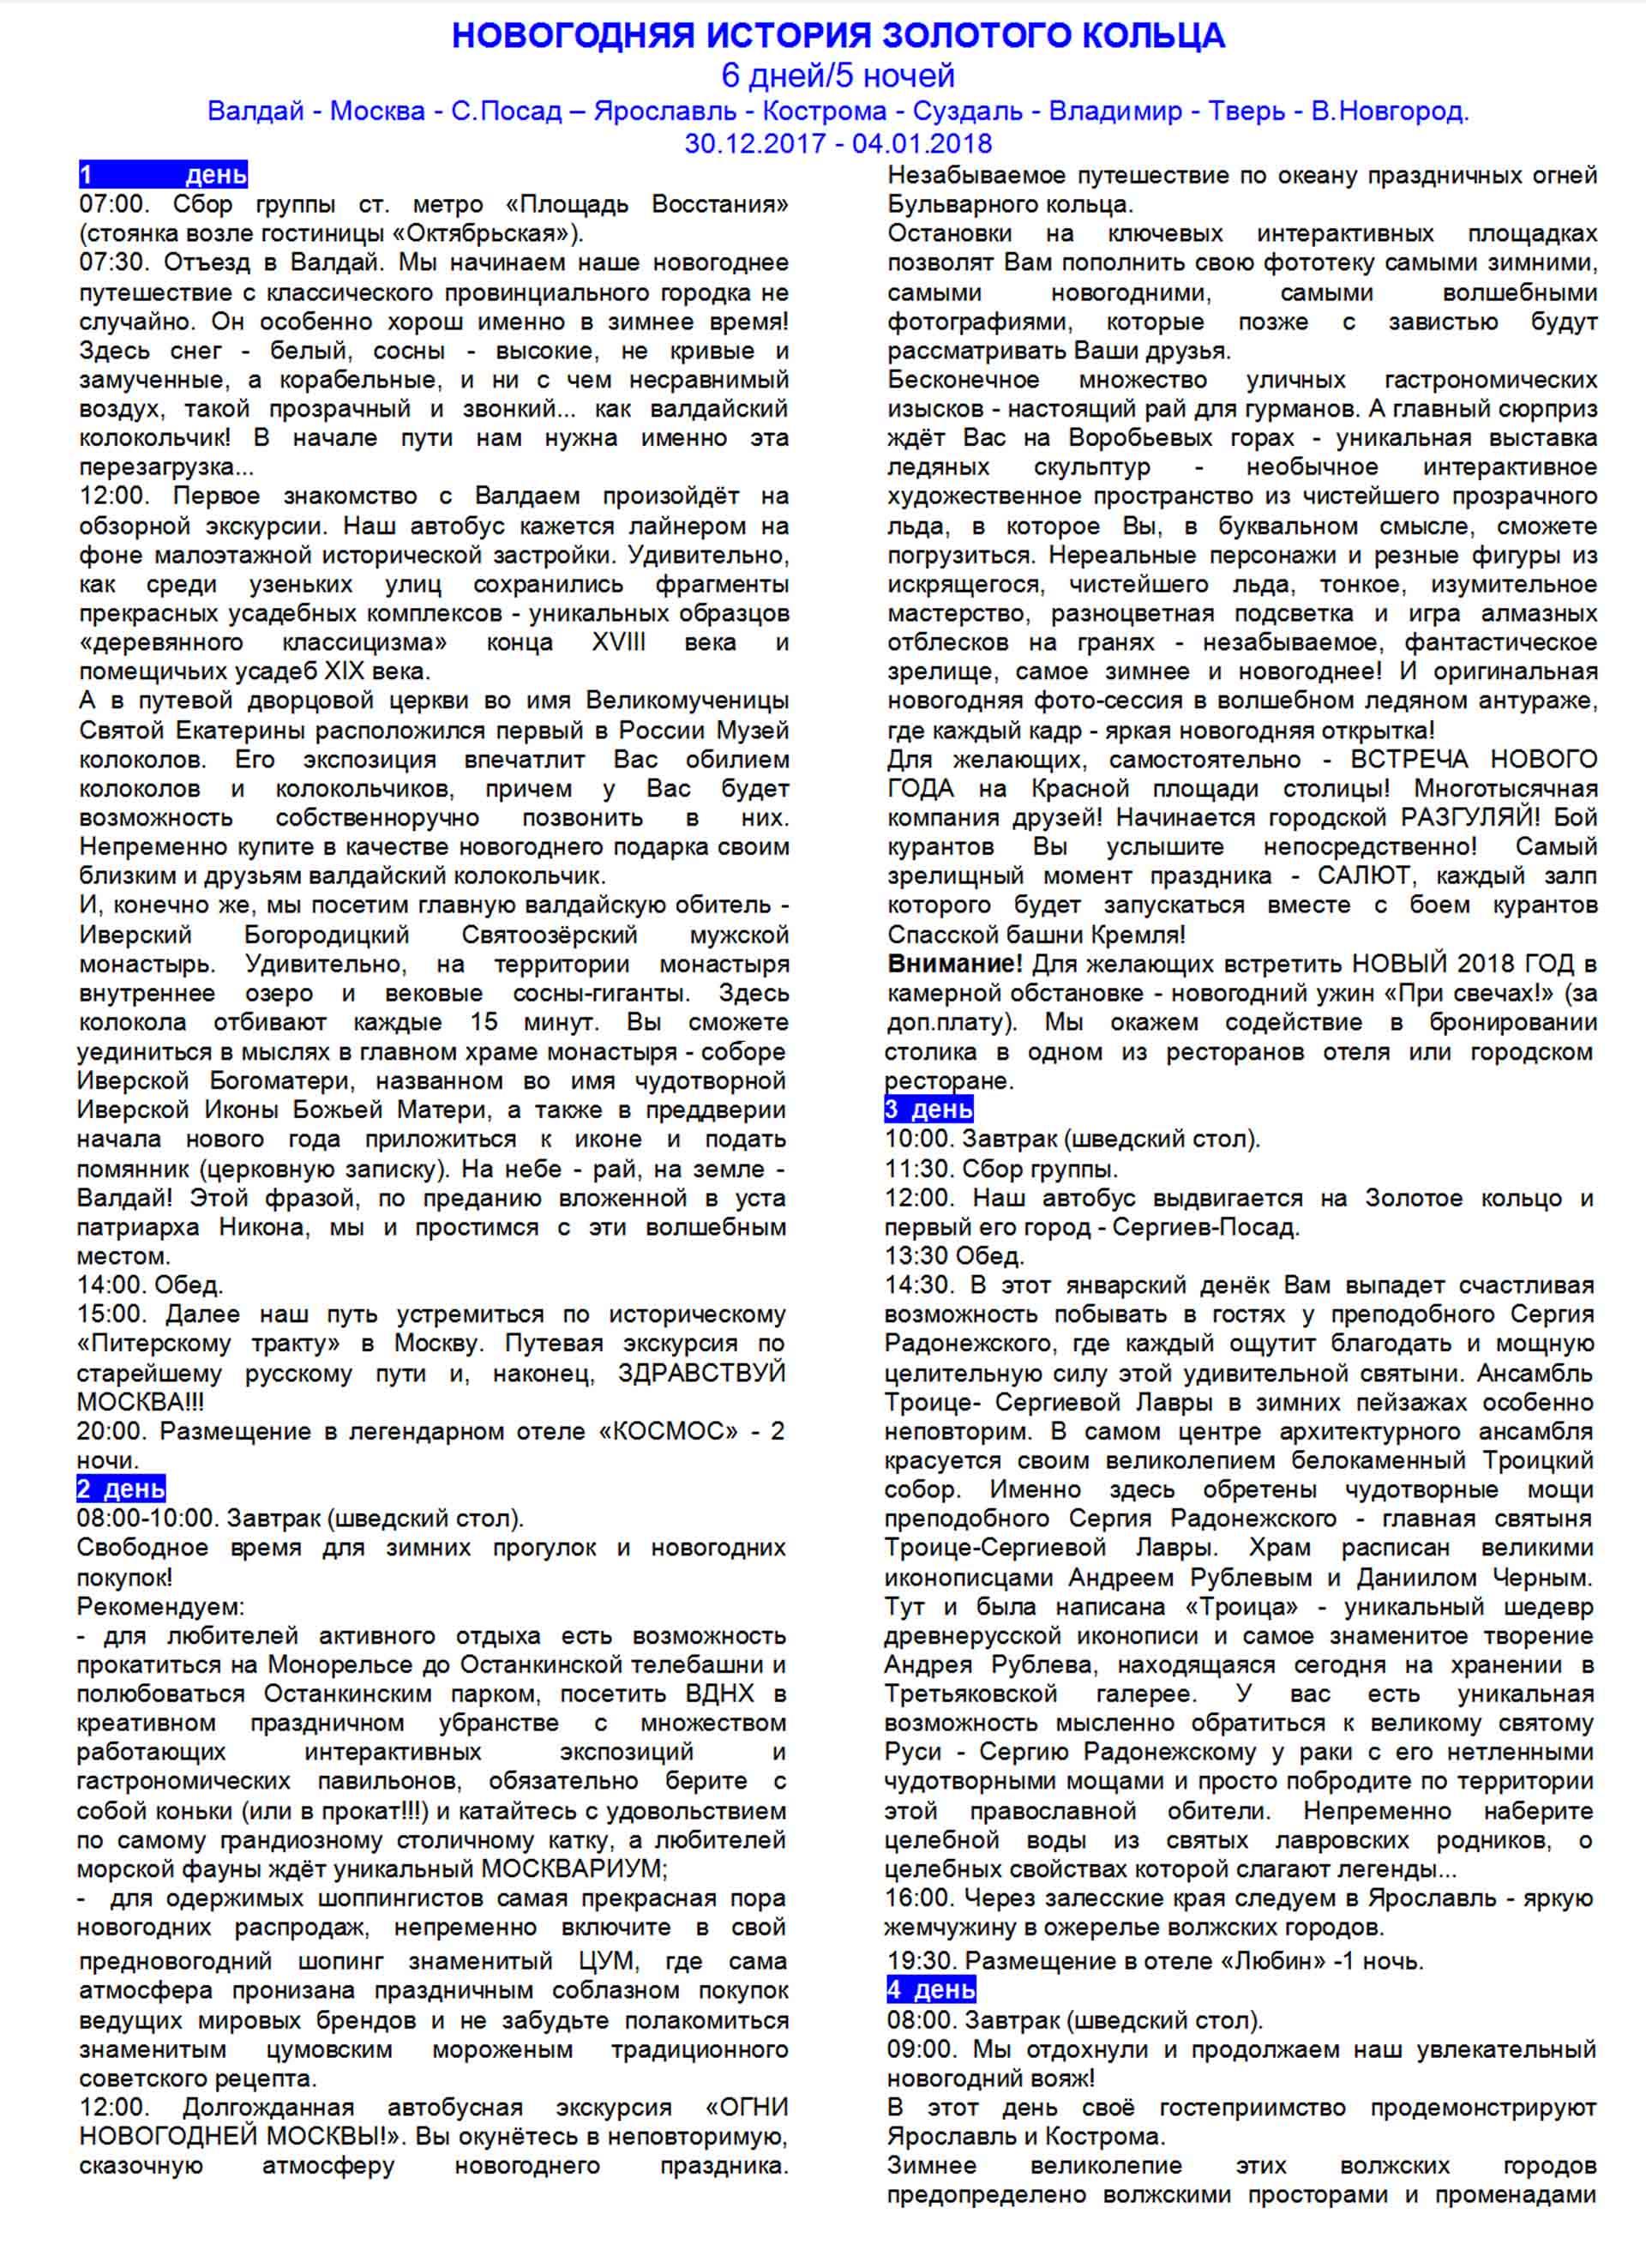 Туры по Новогоднему Золотому Кольцу России